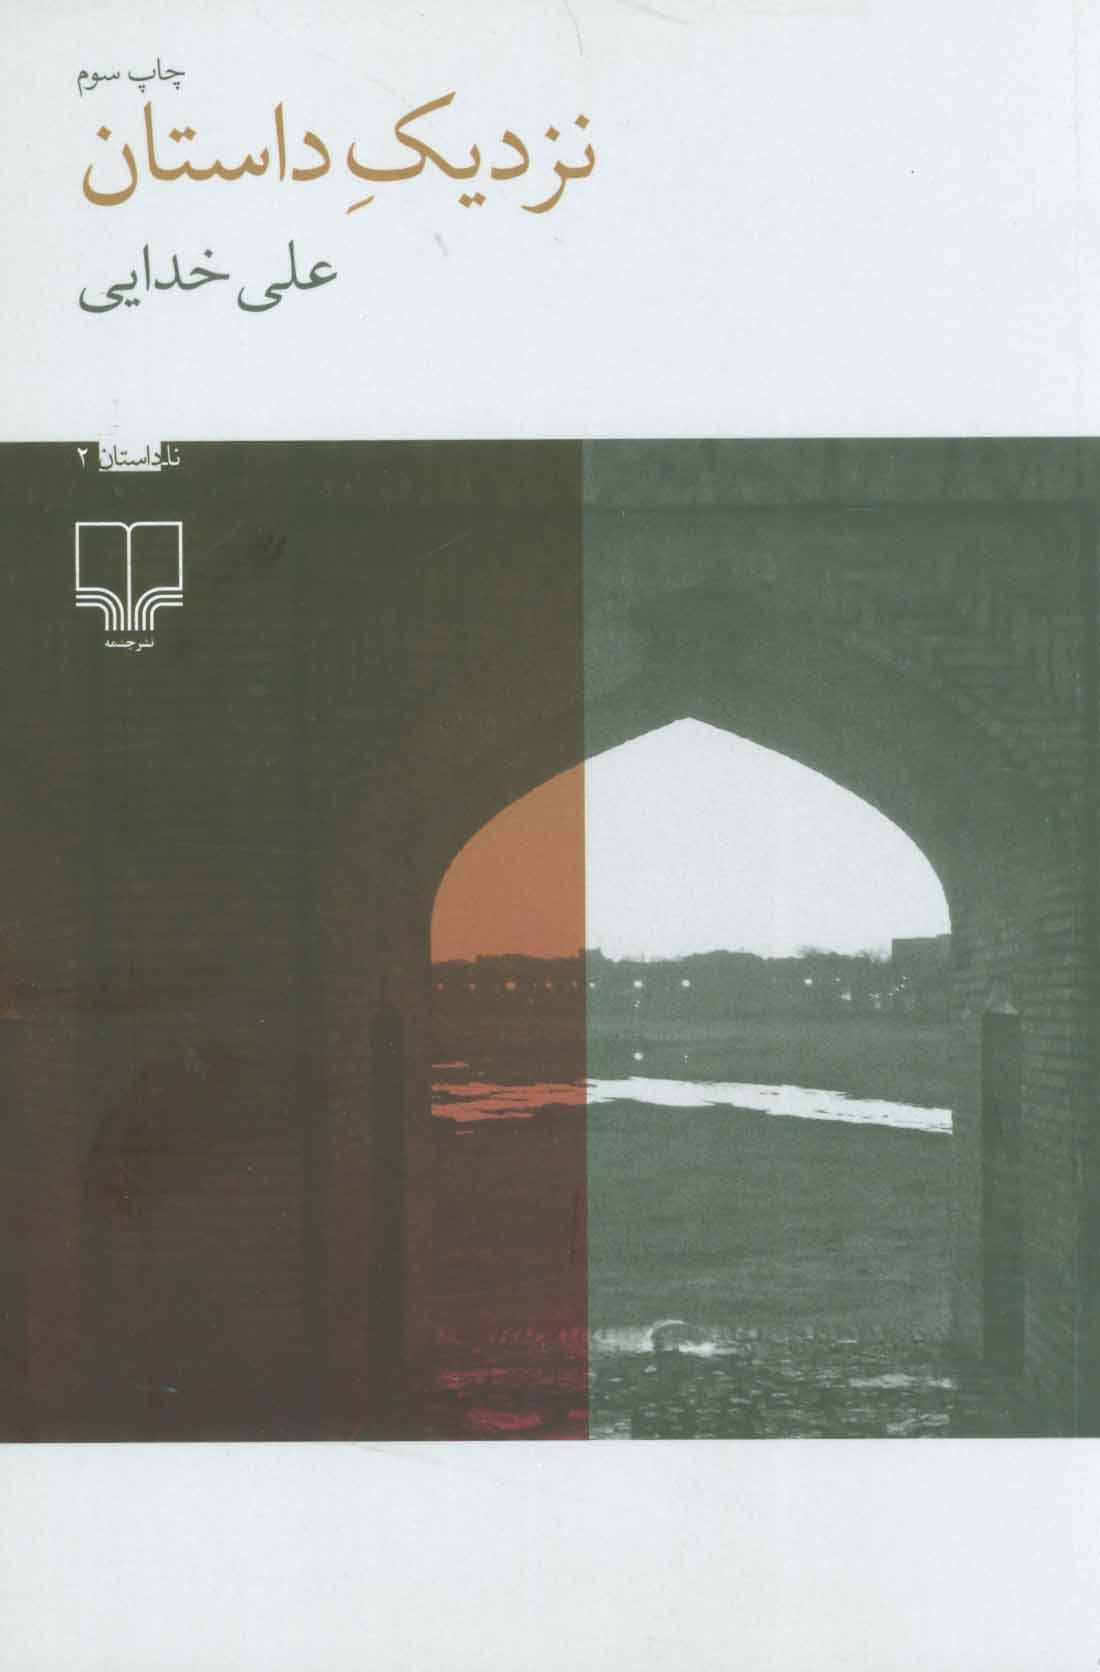 کتاب نزدیک داستان (مجموعه داستان)